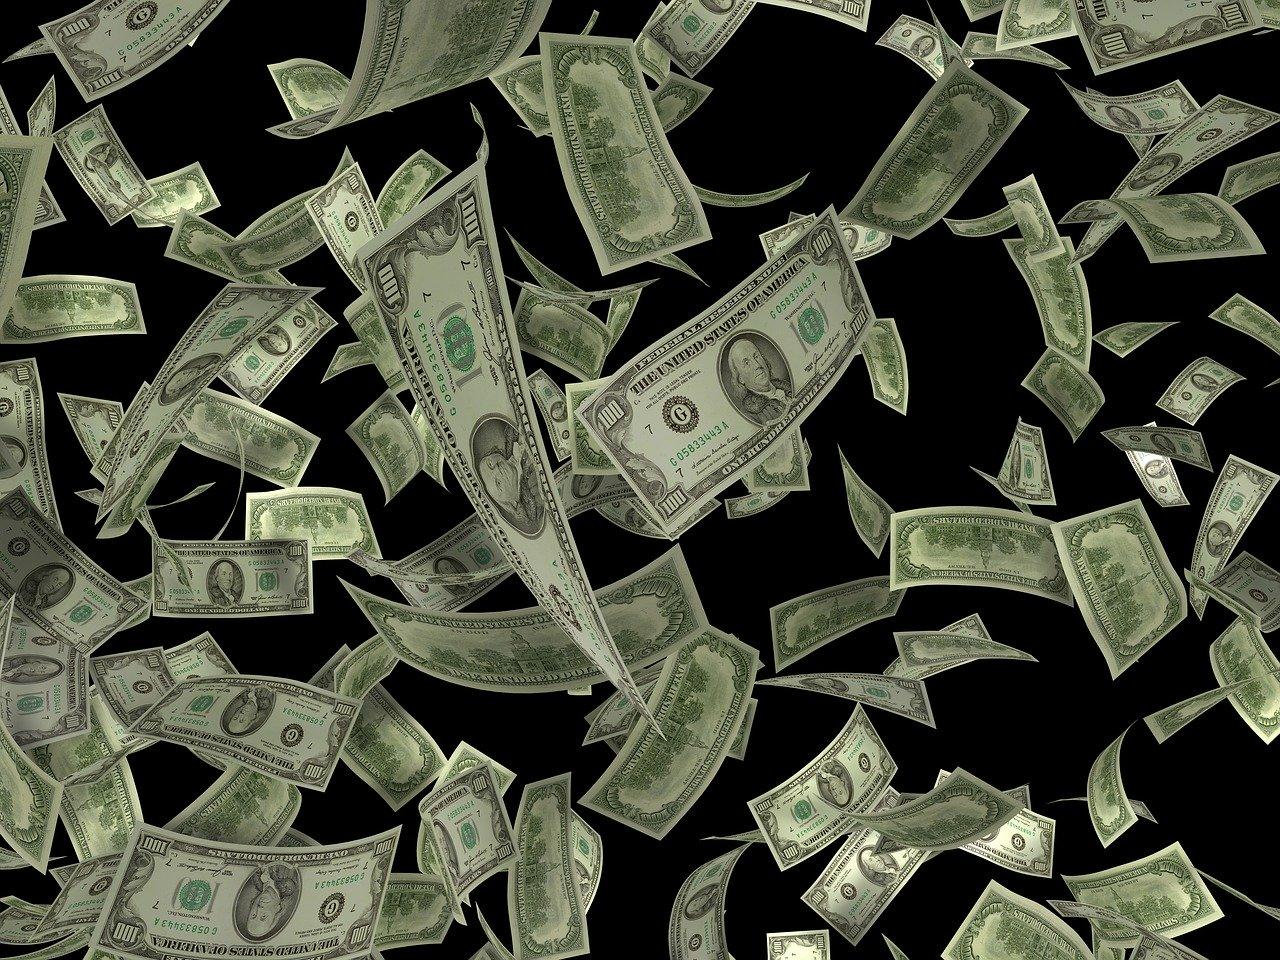 株式投資で配当金生活は可能?【高配当株投資で不労所得は難しい】